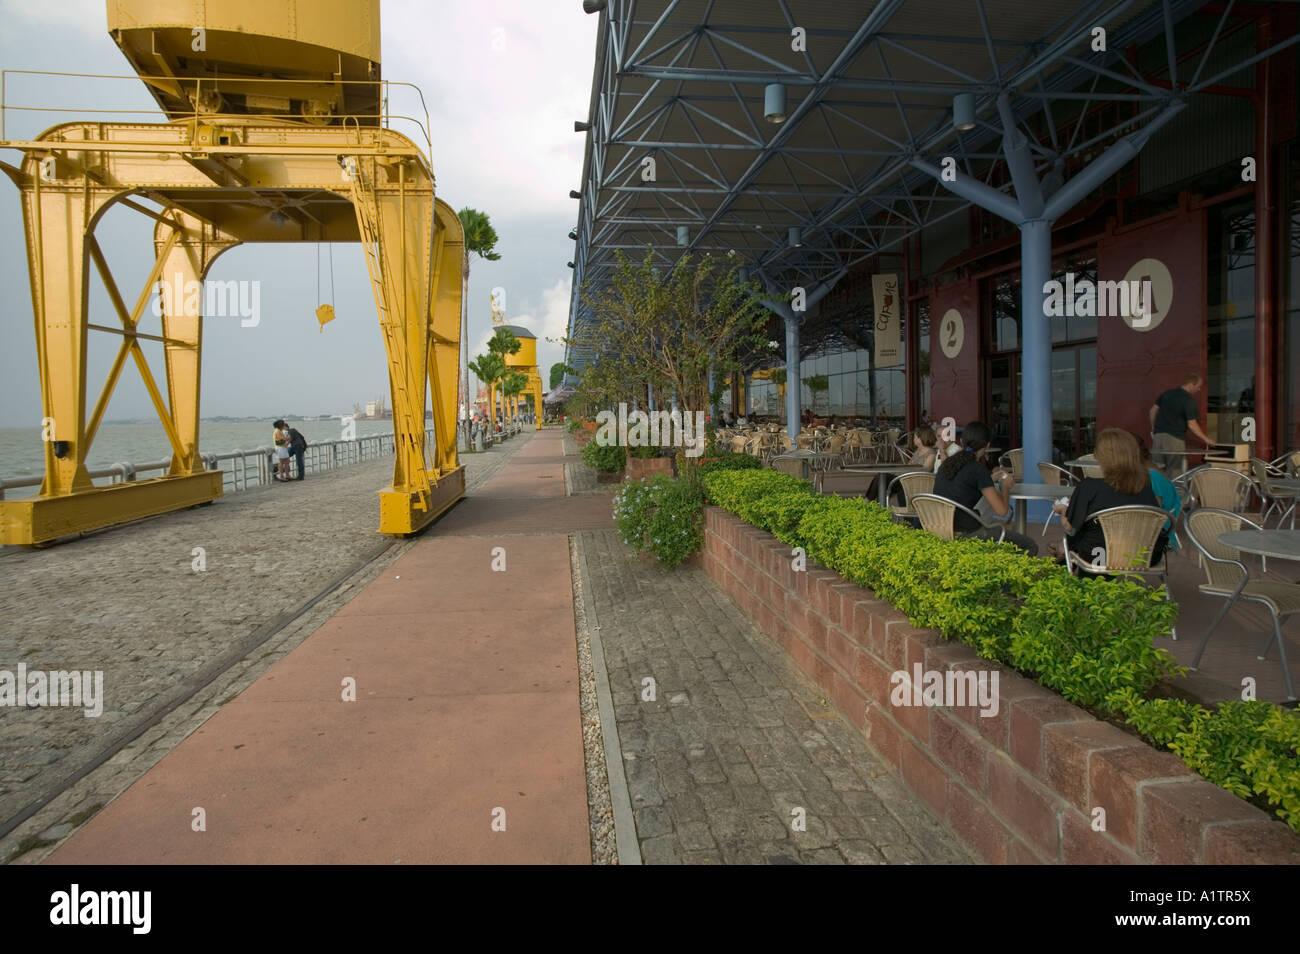 Cafes on the river front at Estacio das Docas refurbished docks Belem Para state Brazil - Stock Image